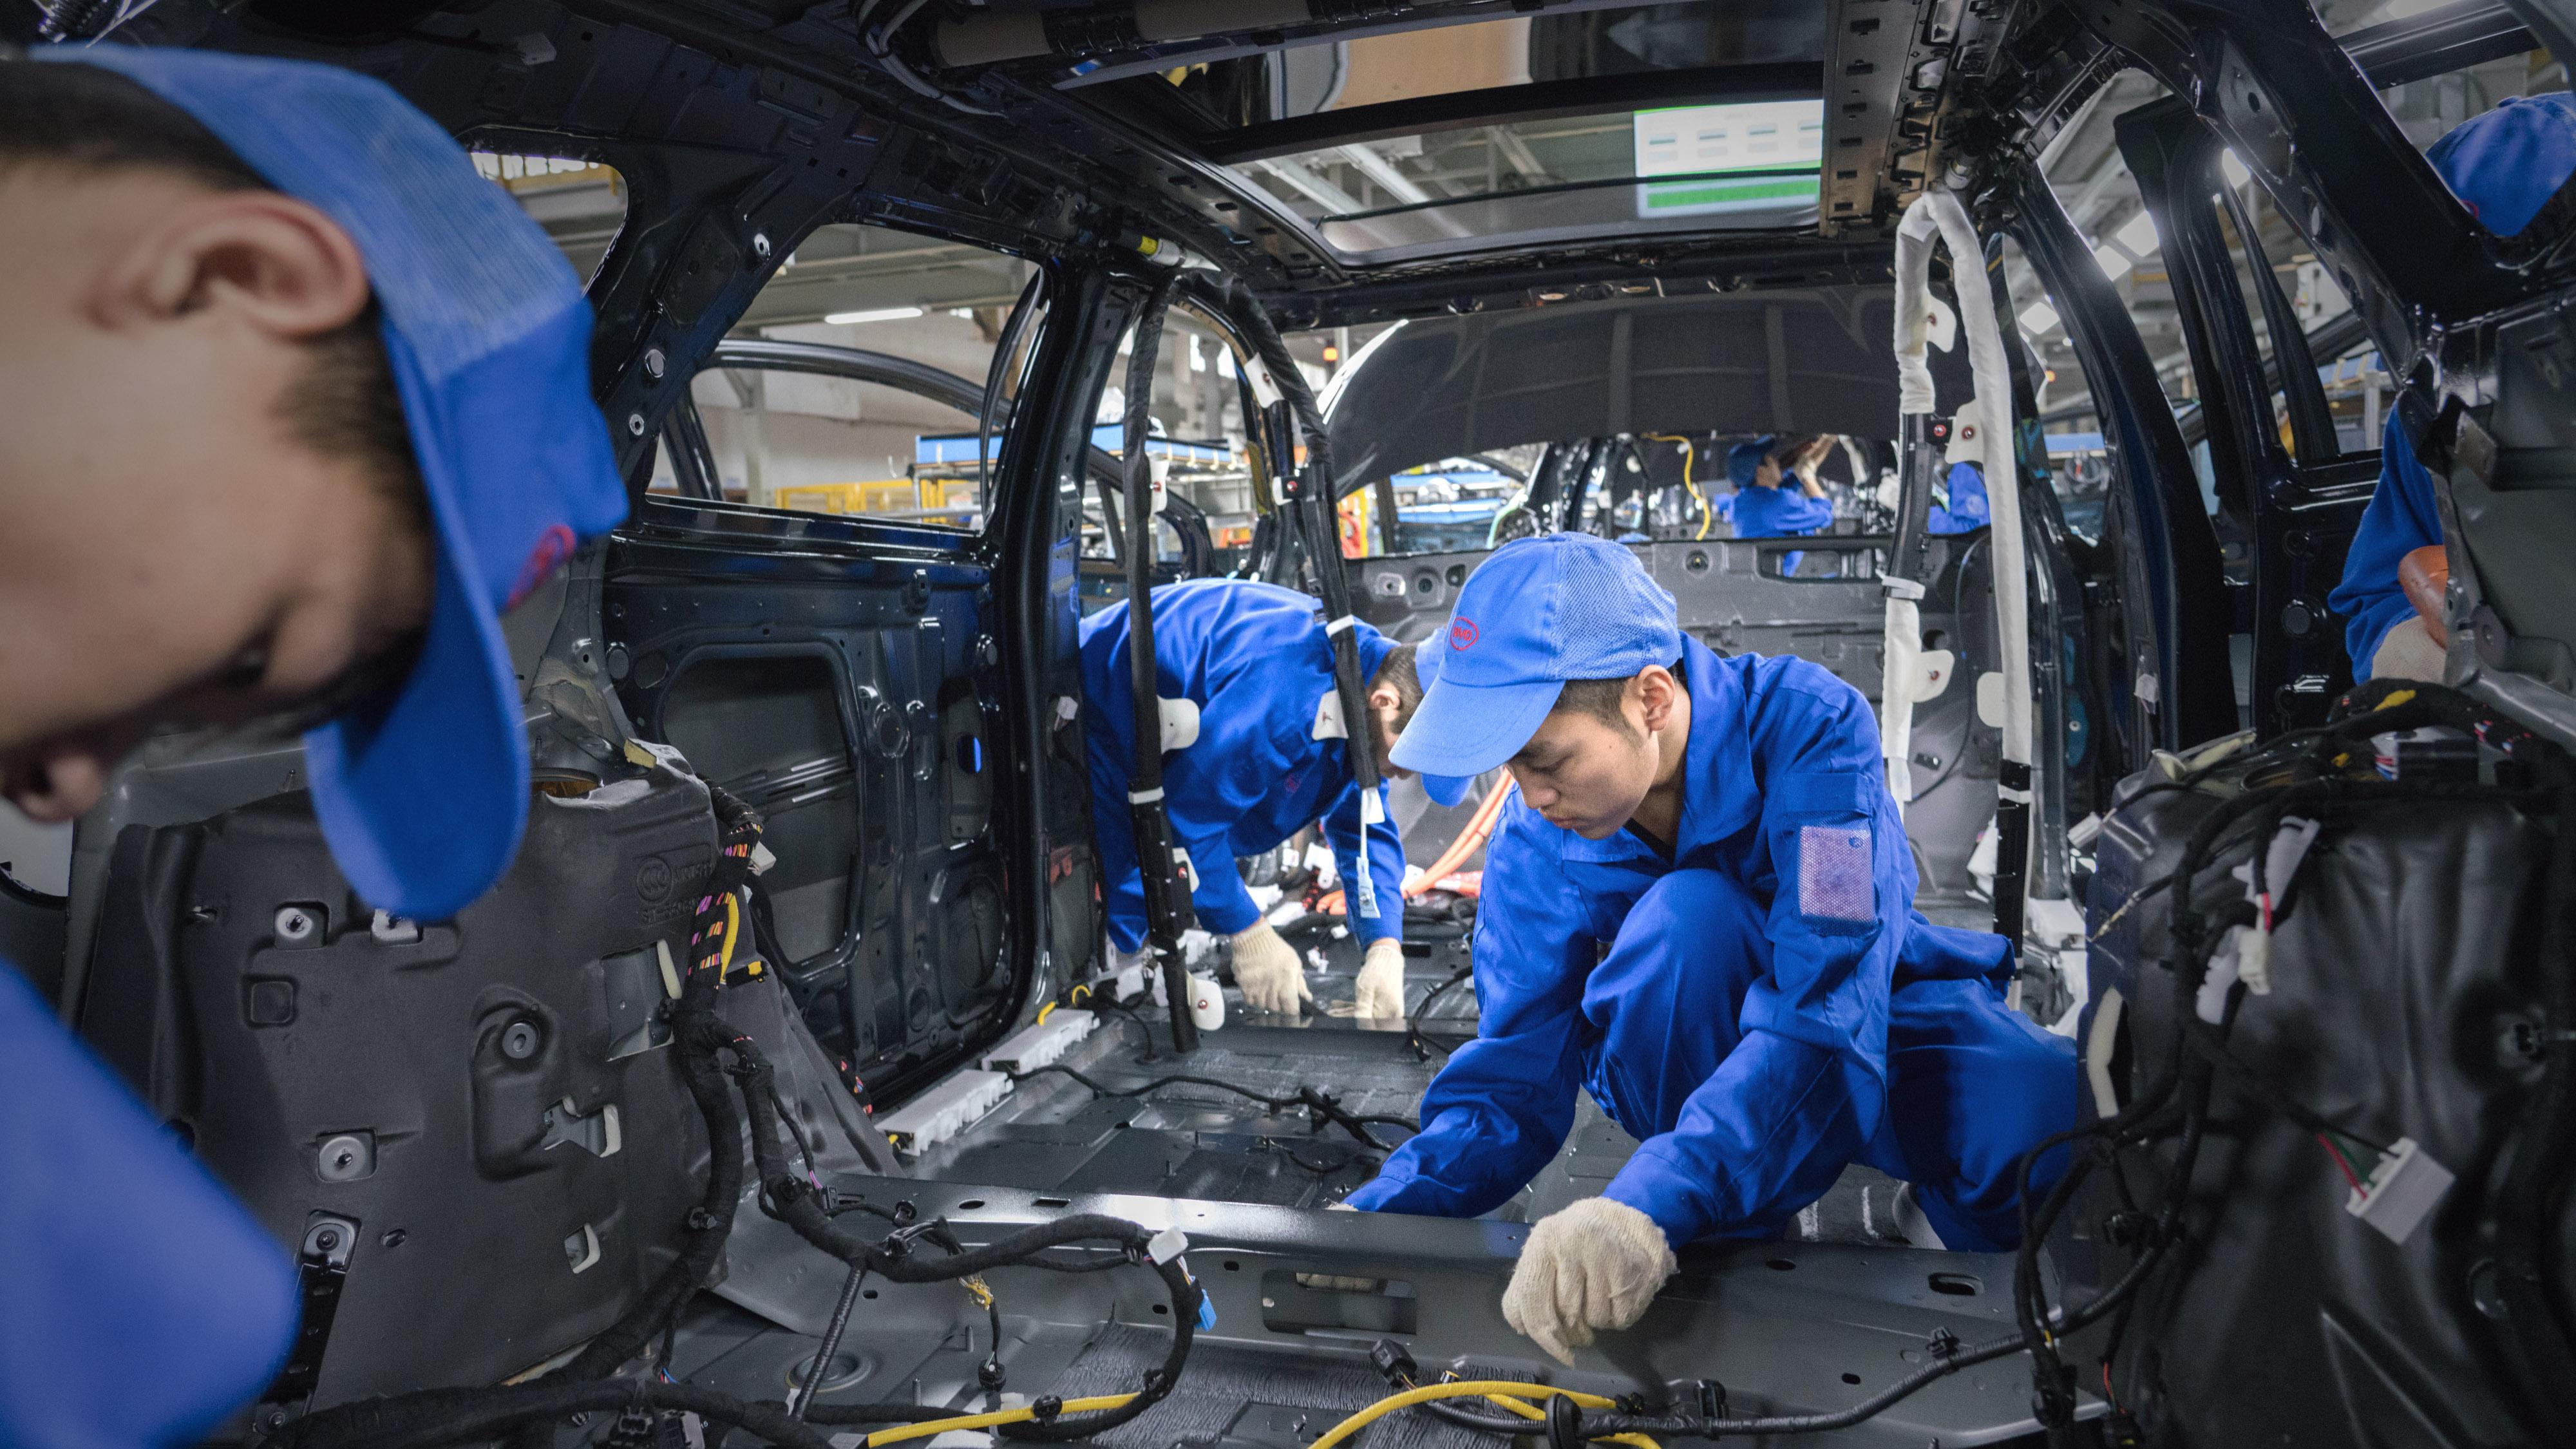 qz.com - Akshat Rathi - Inside BYD-the world's largest maker of electric vehicles